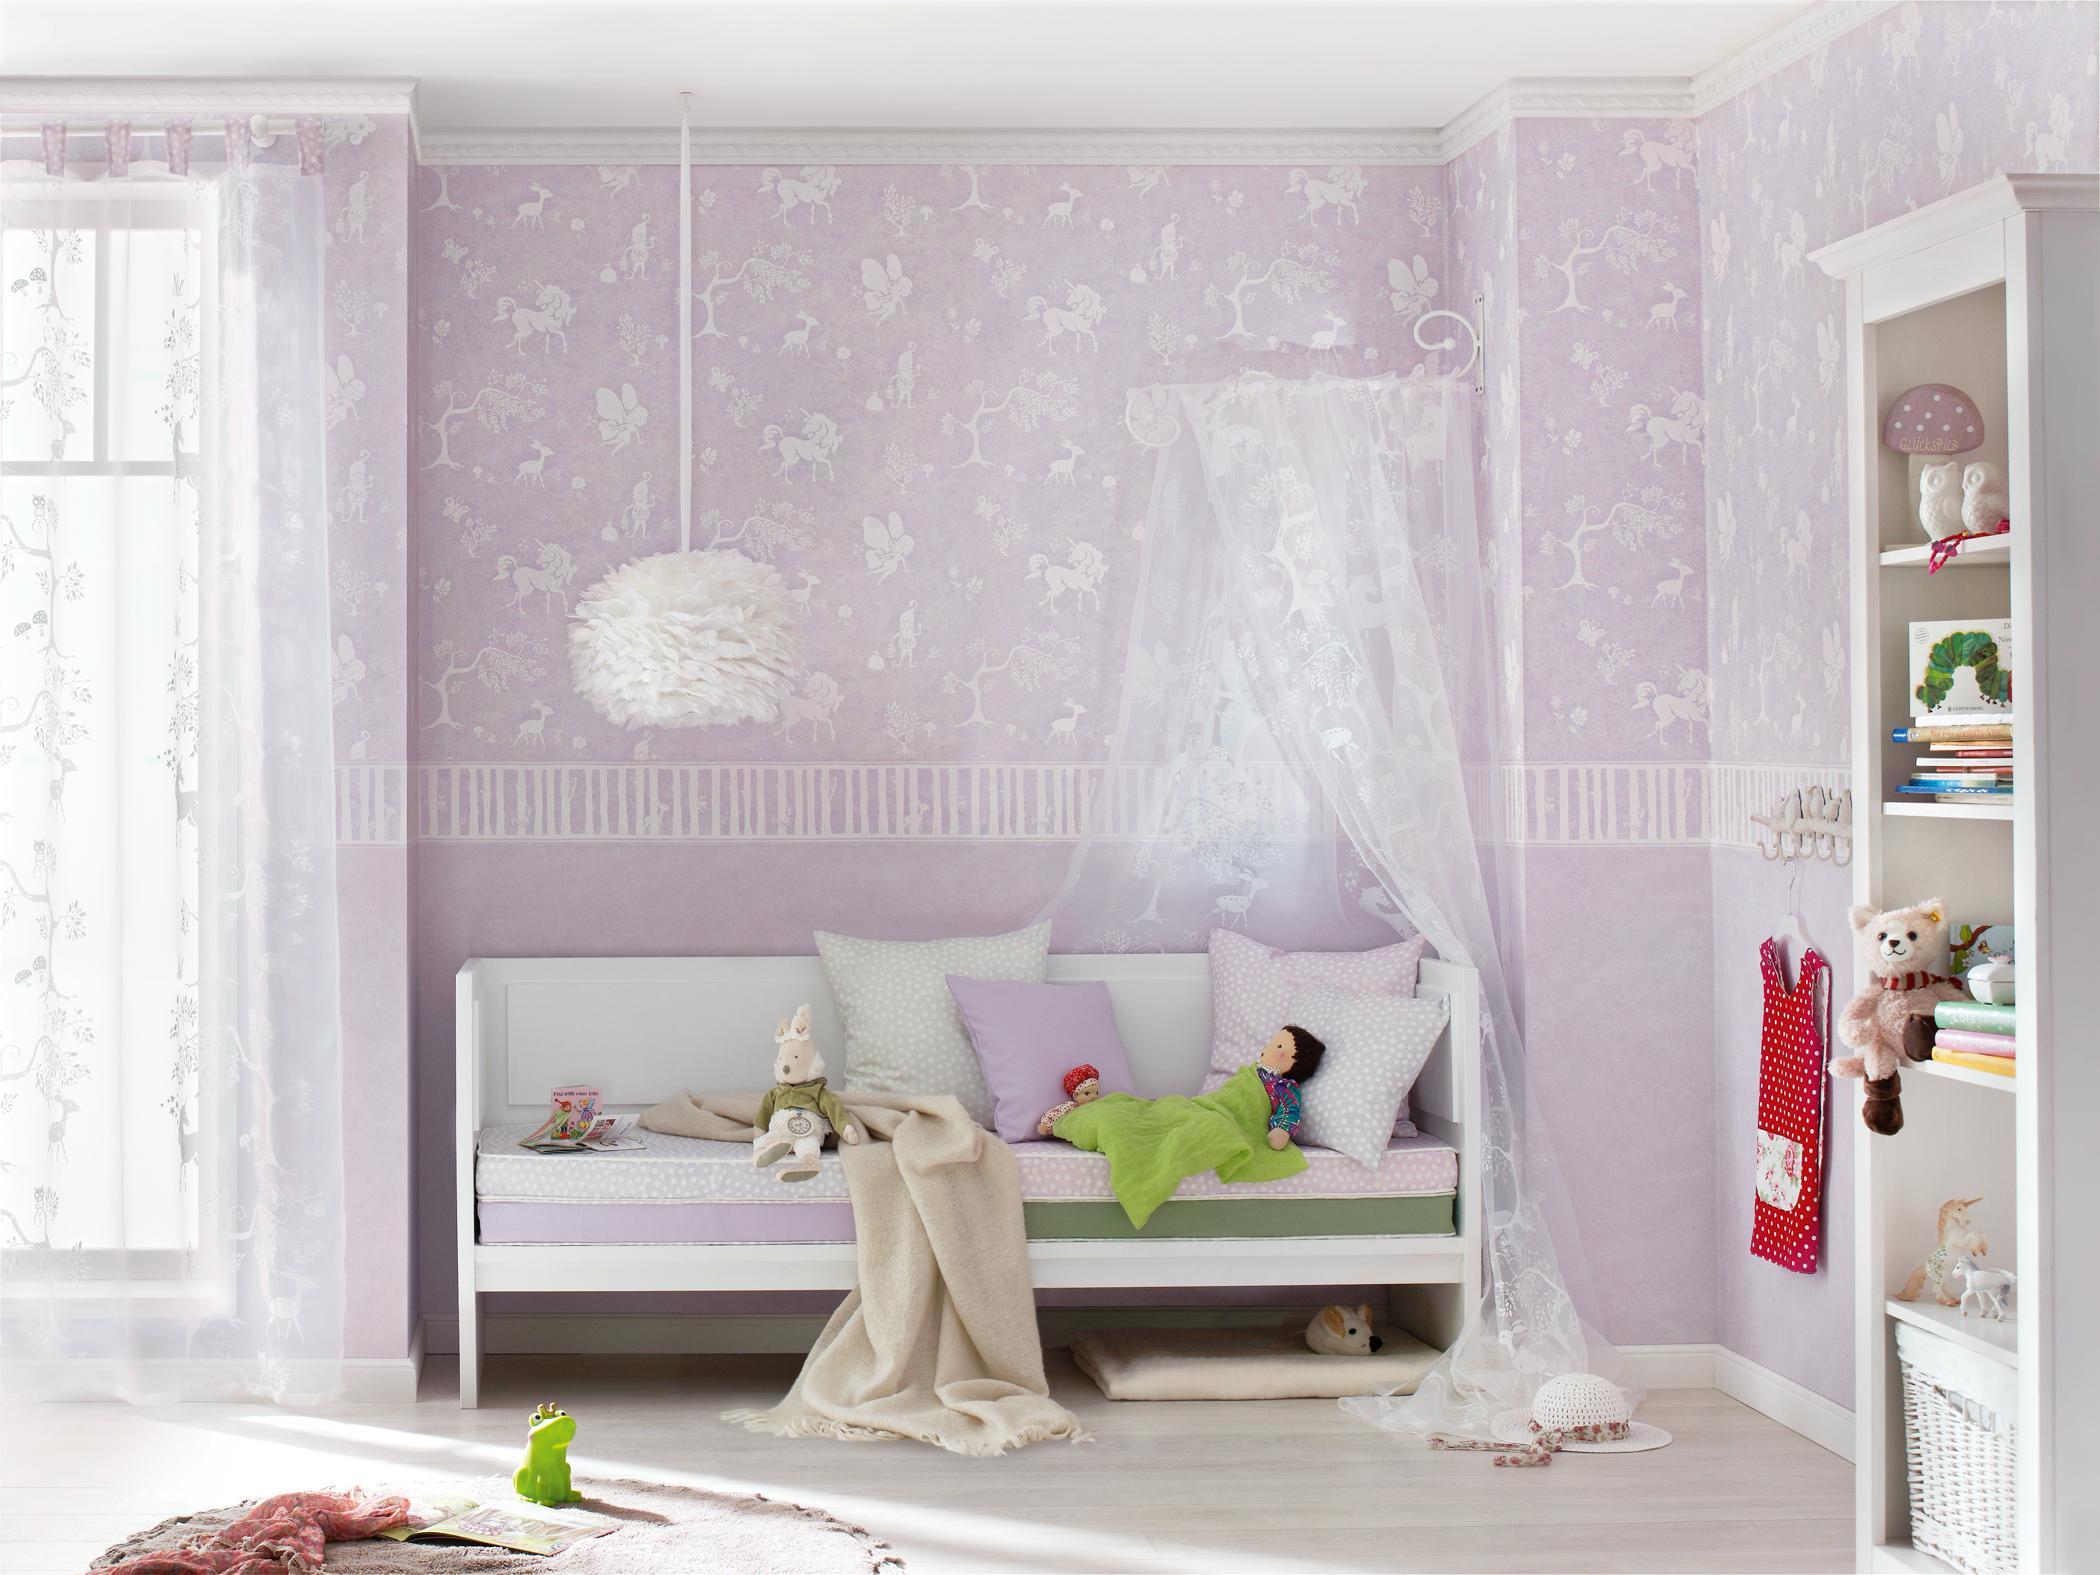 Babyzimmer wandgestaltung mädchen  Himmelbett im Mädchen-Kinderzimmer #wandgestaltung #... • COUCHstyle